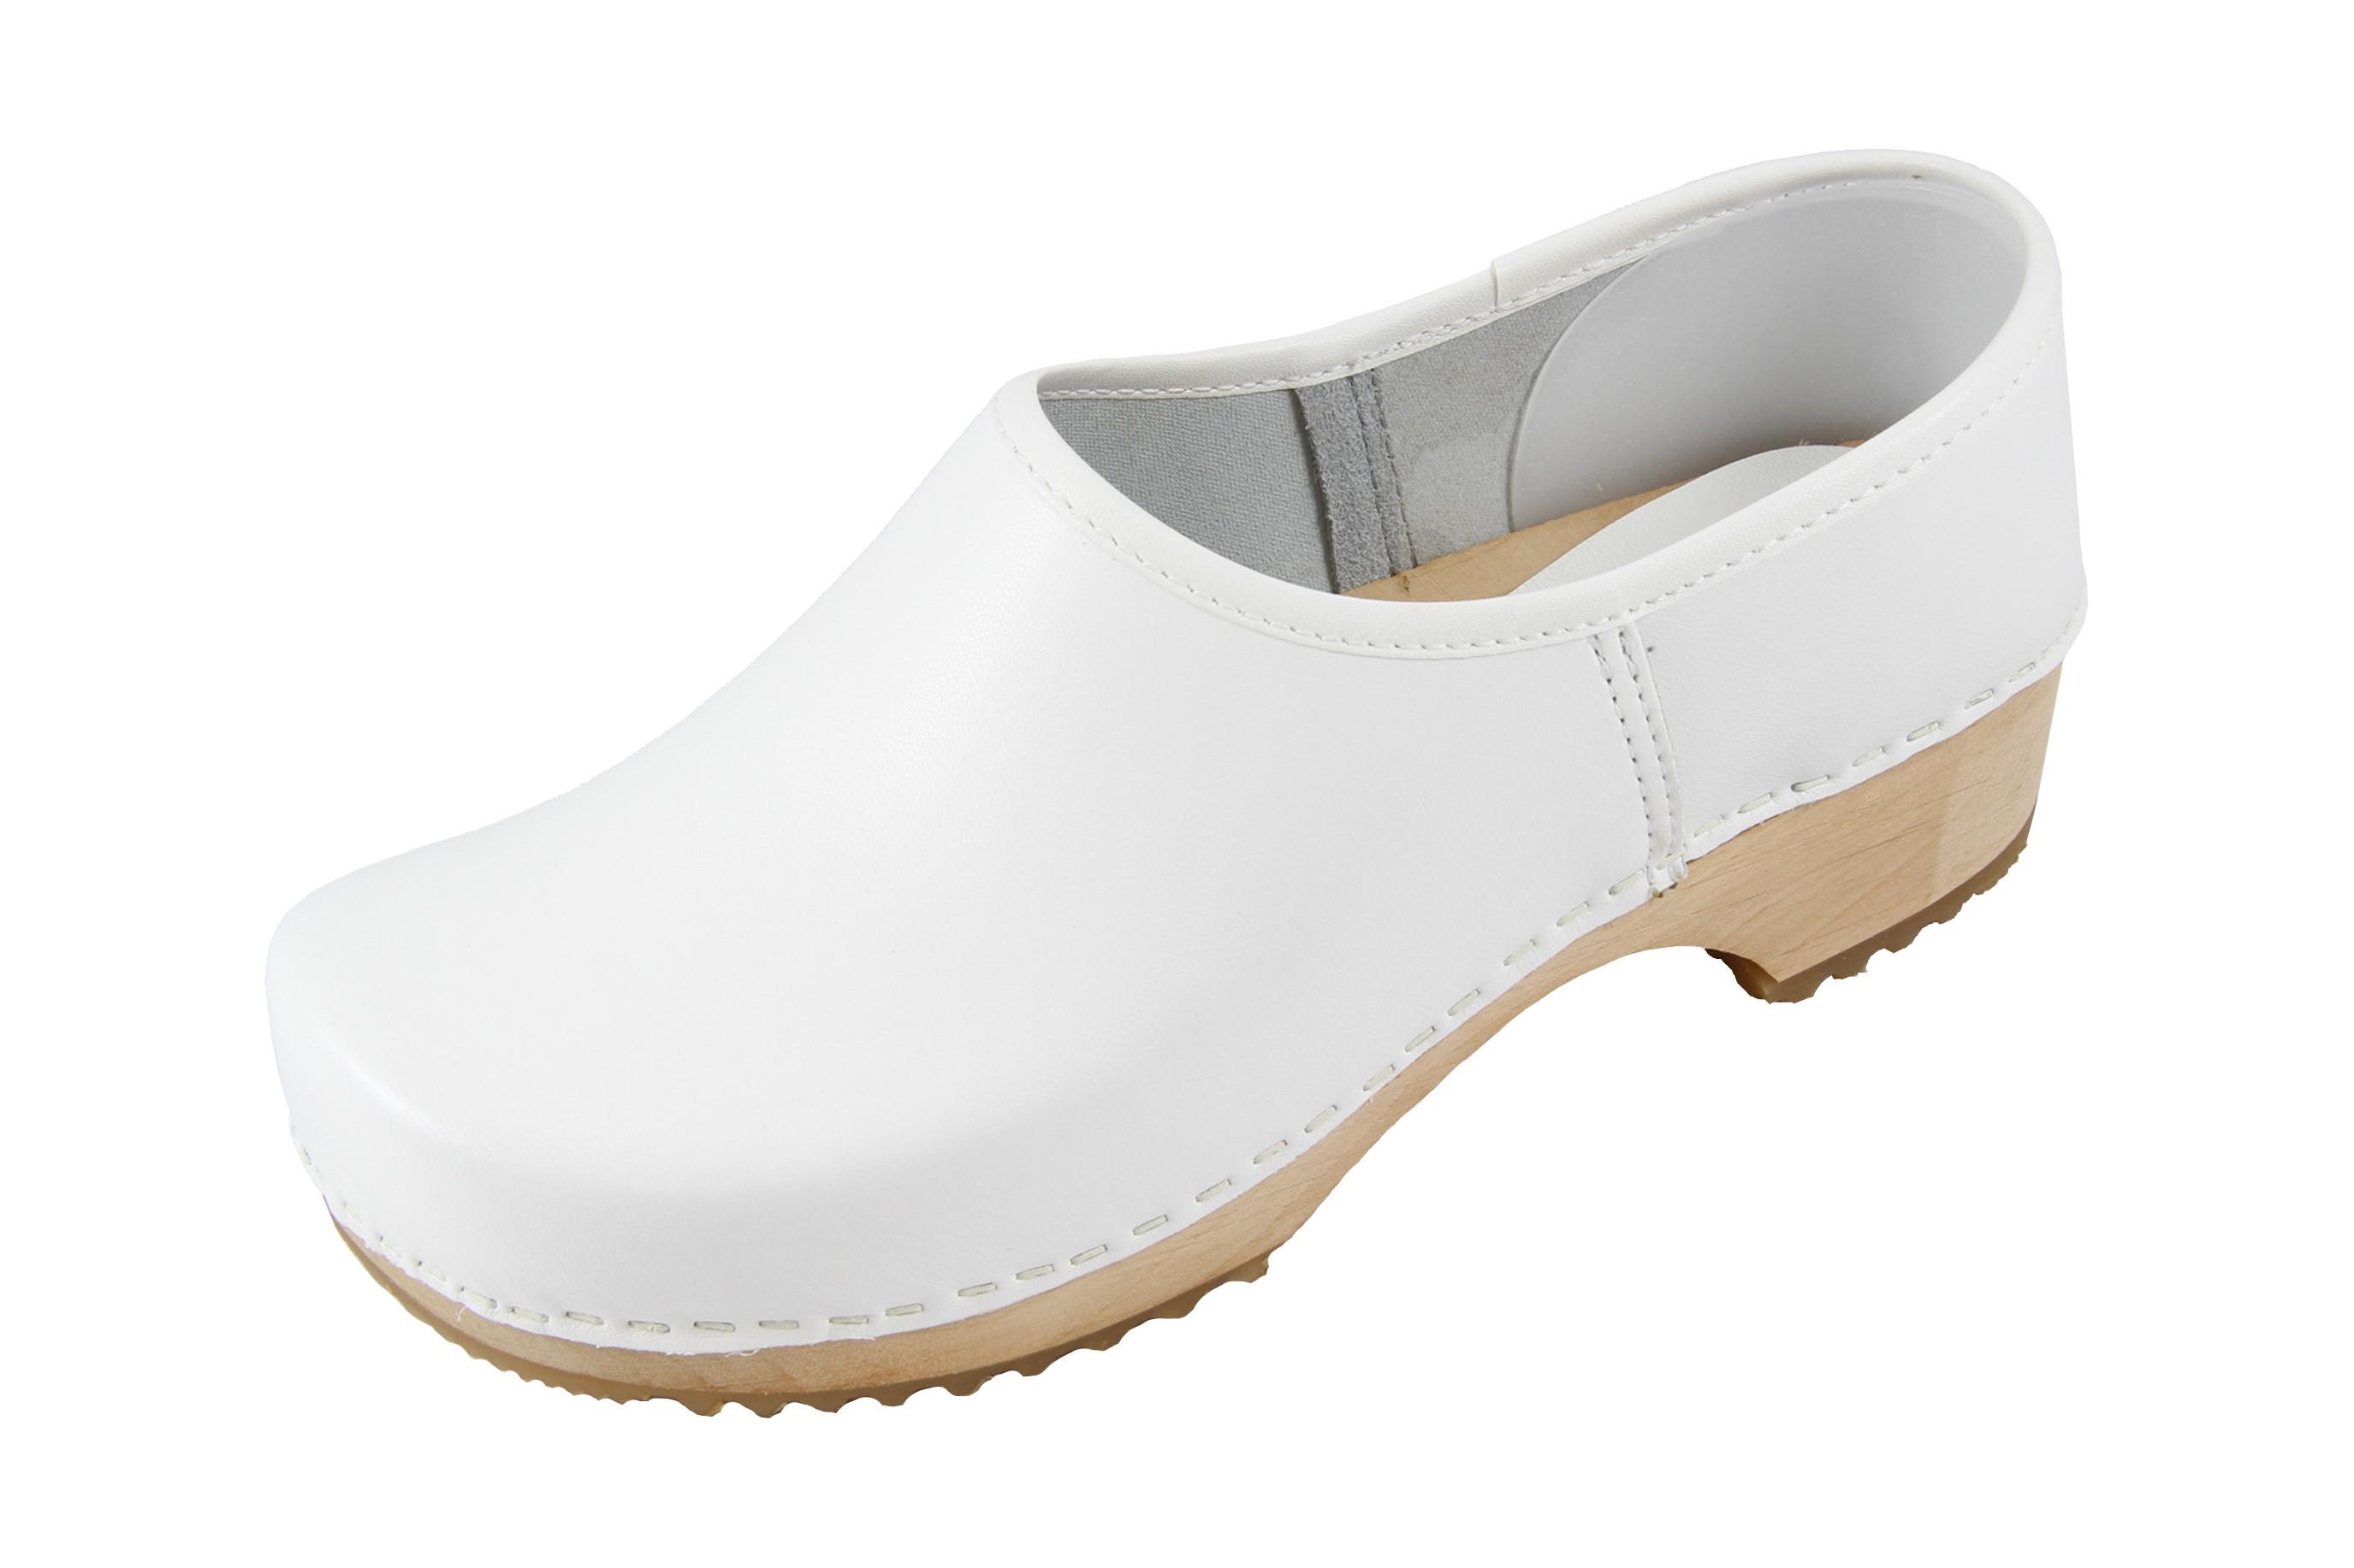 Legno Naturale Bianco : Design danese zoccoli chiuso bianco con suola in legno naturale